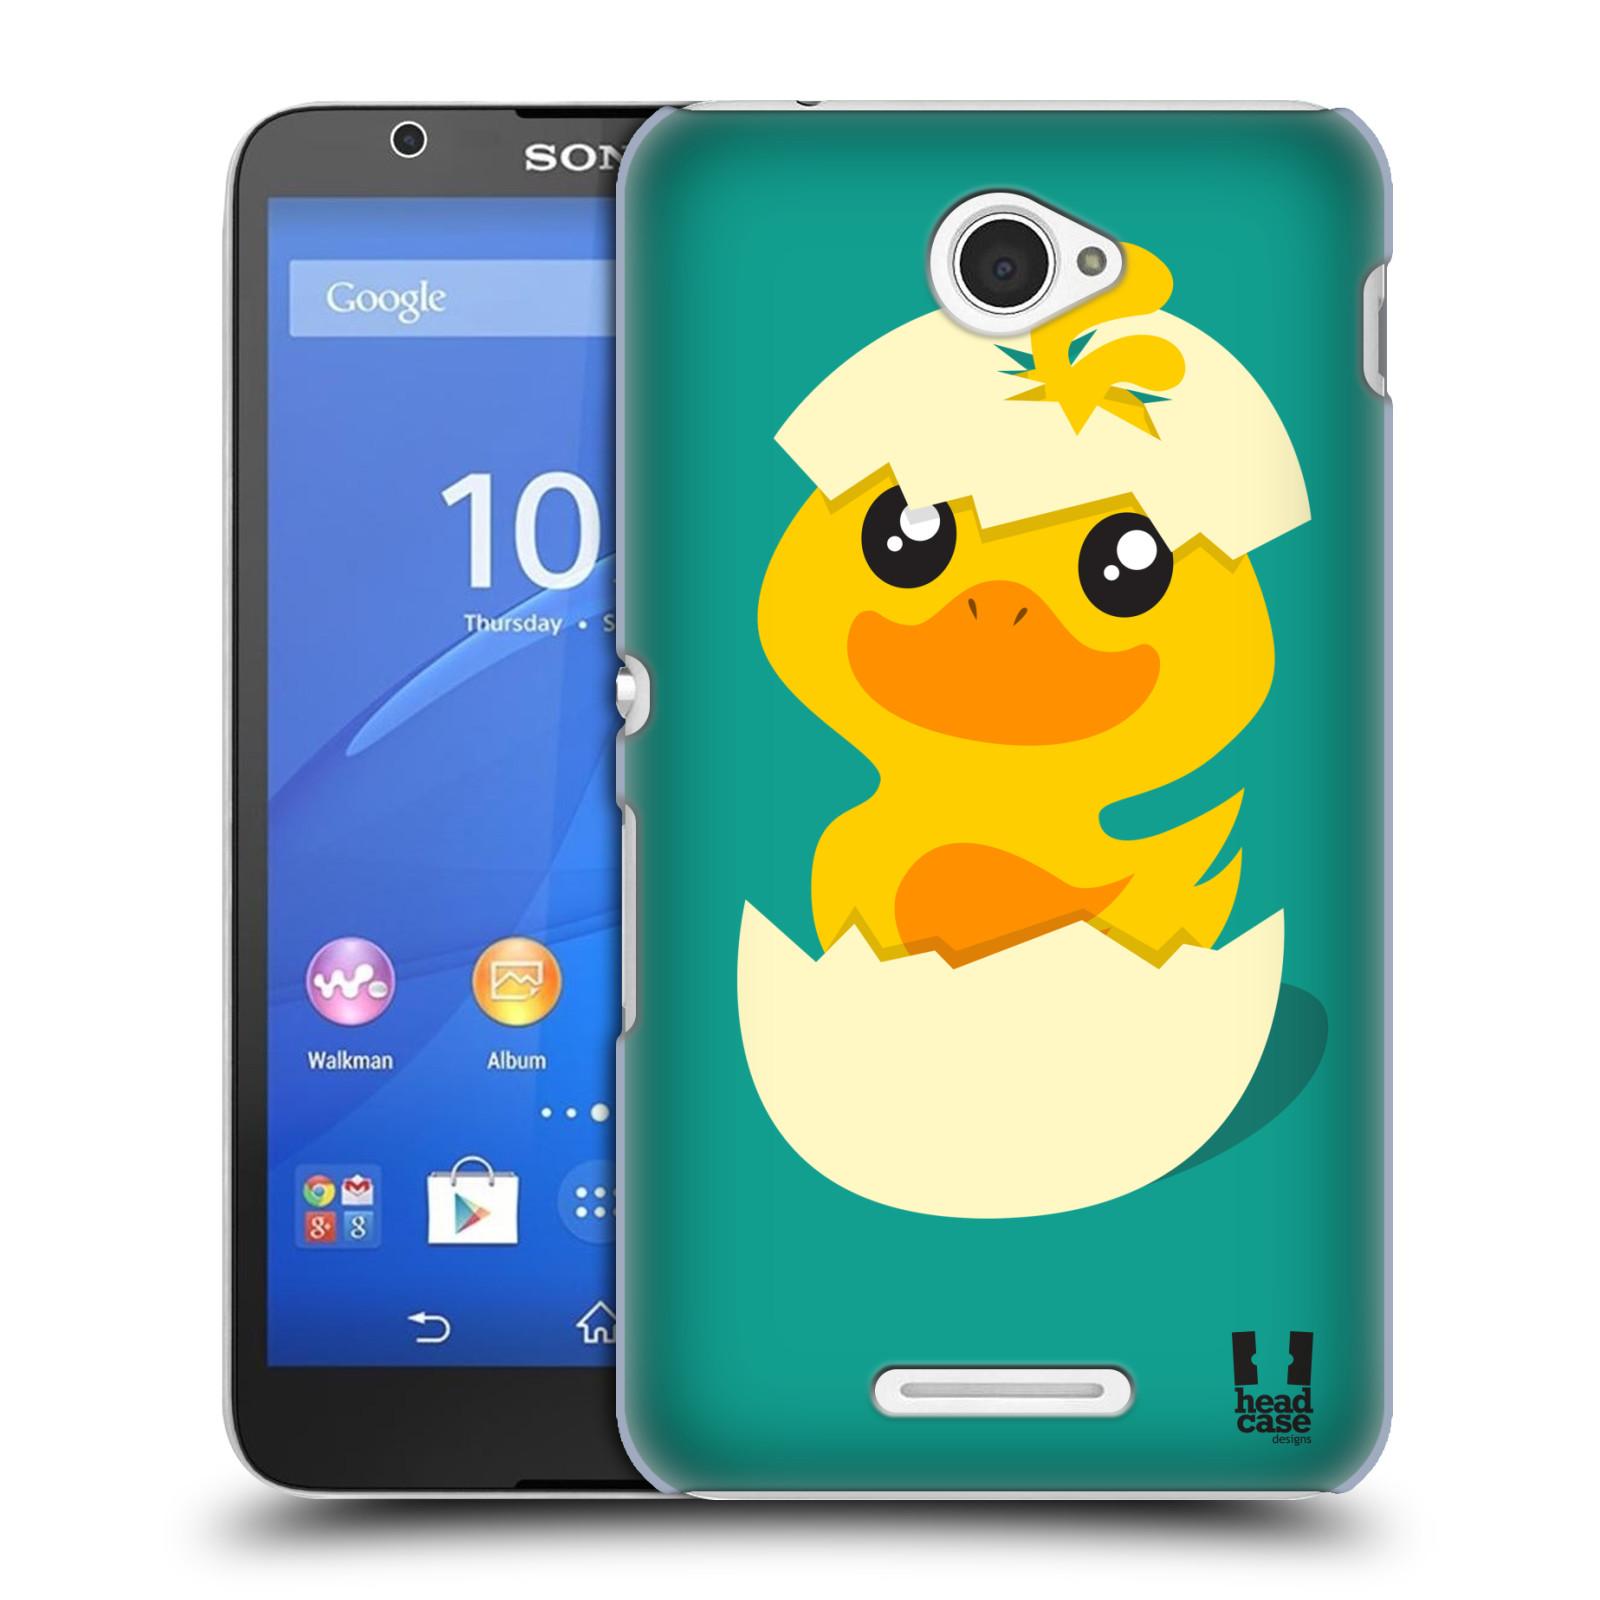 Plastové pouzdro na mobil Sony Xperia E4 E2105 HEAD CASE KACHNIČKA Z VAJÍČKA (Kryt či obal na mobilní telefon Sony Xperia E4 a E4 Dual SIM)